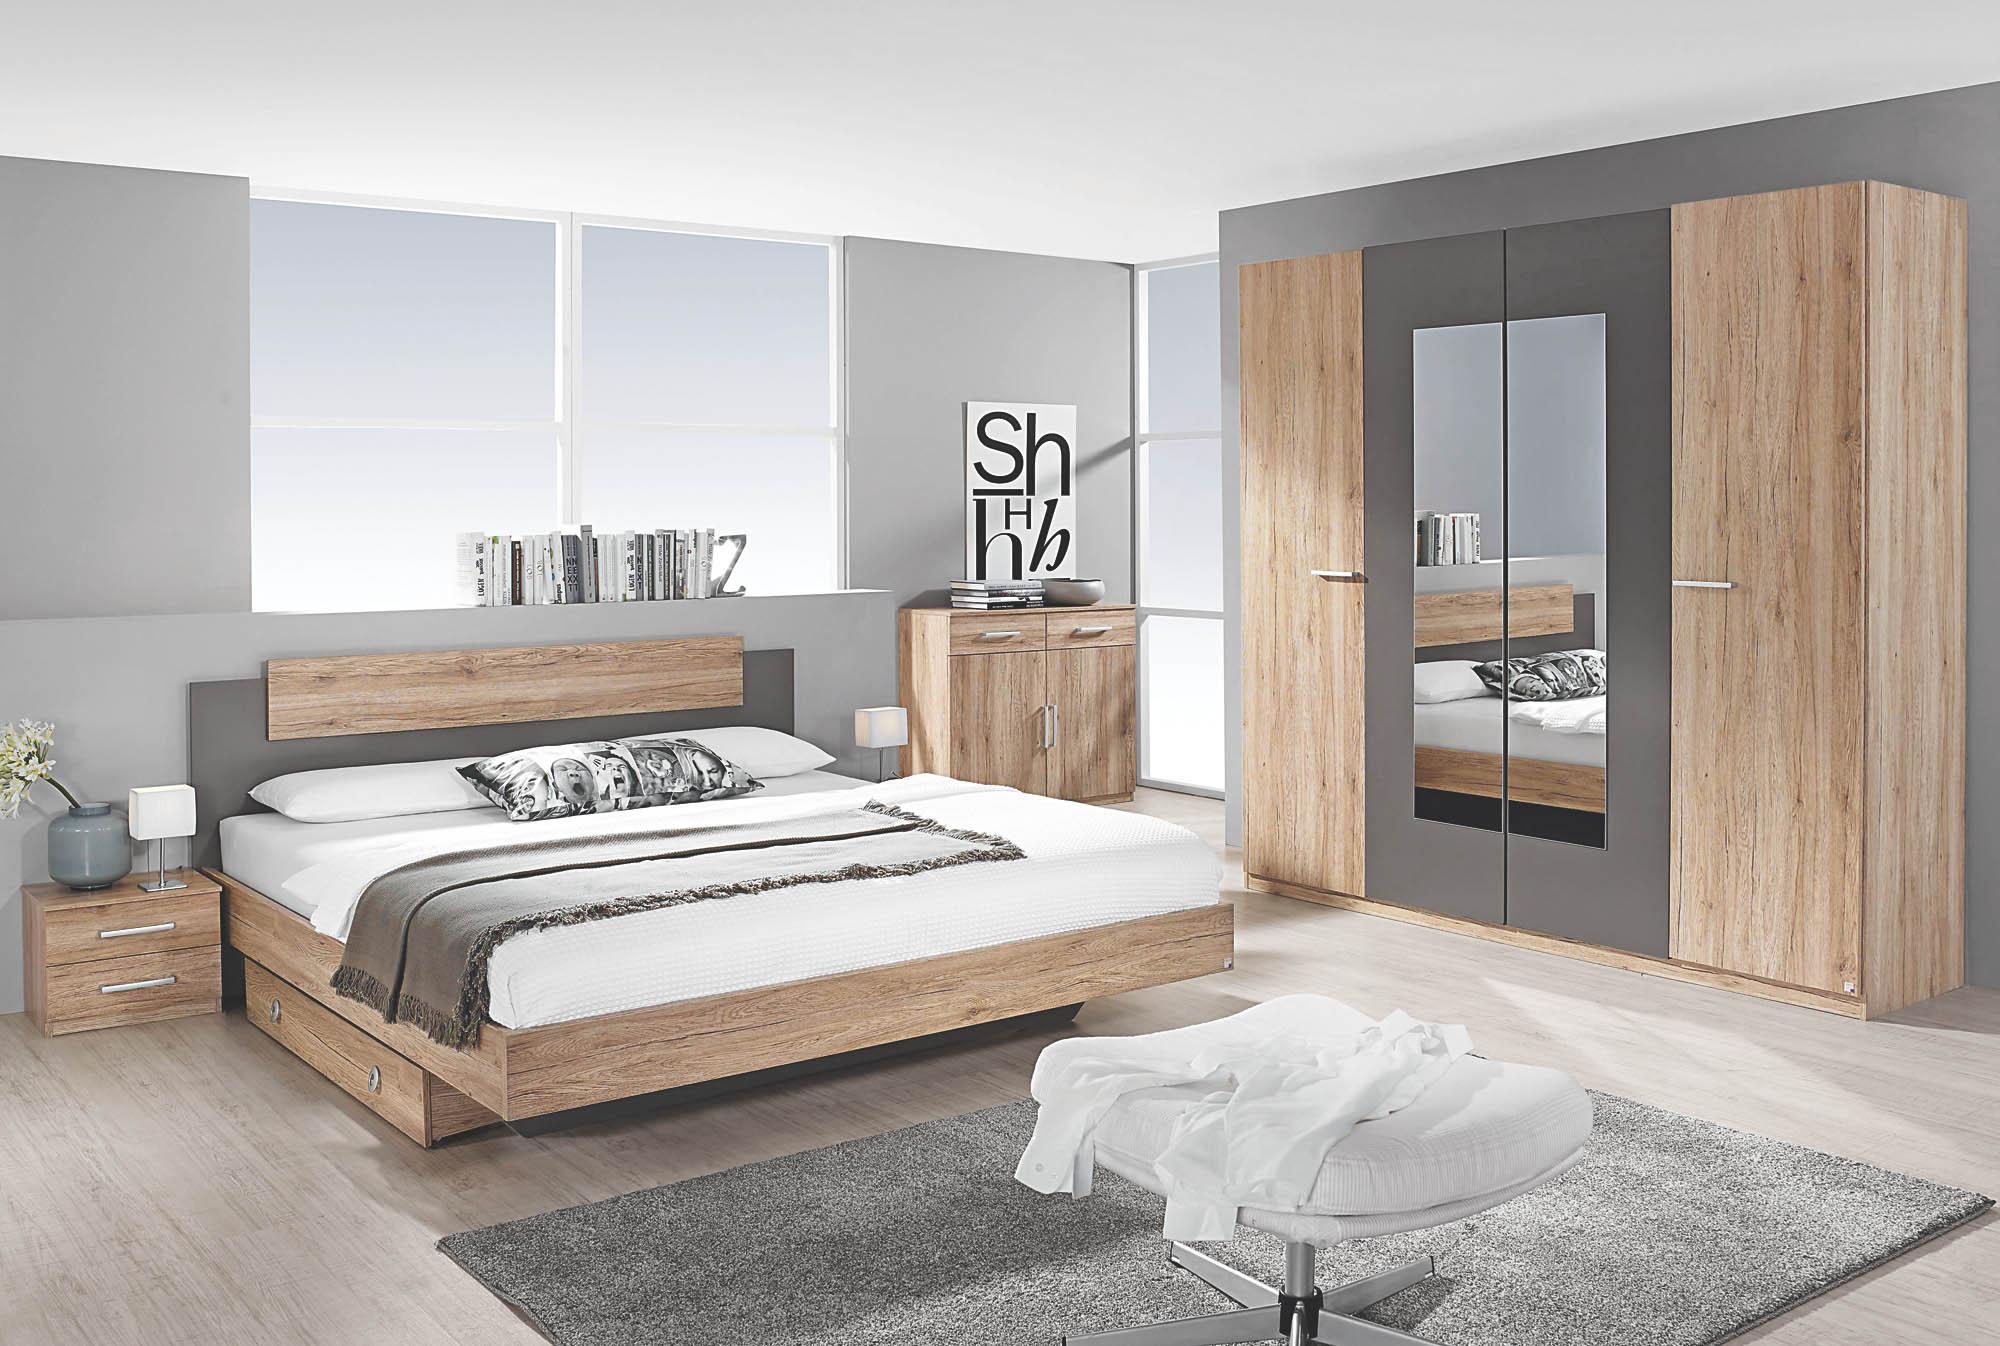 Schlafzimmer 4-tlg Borba von Rauch Packs mit 160x200 Bett Eiche ...